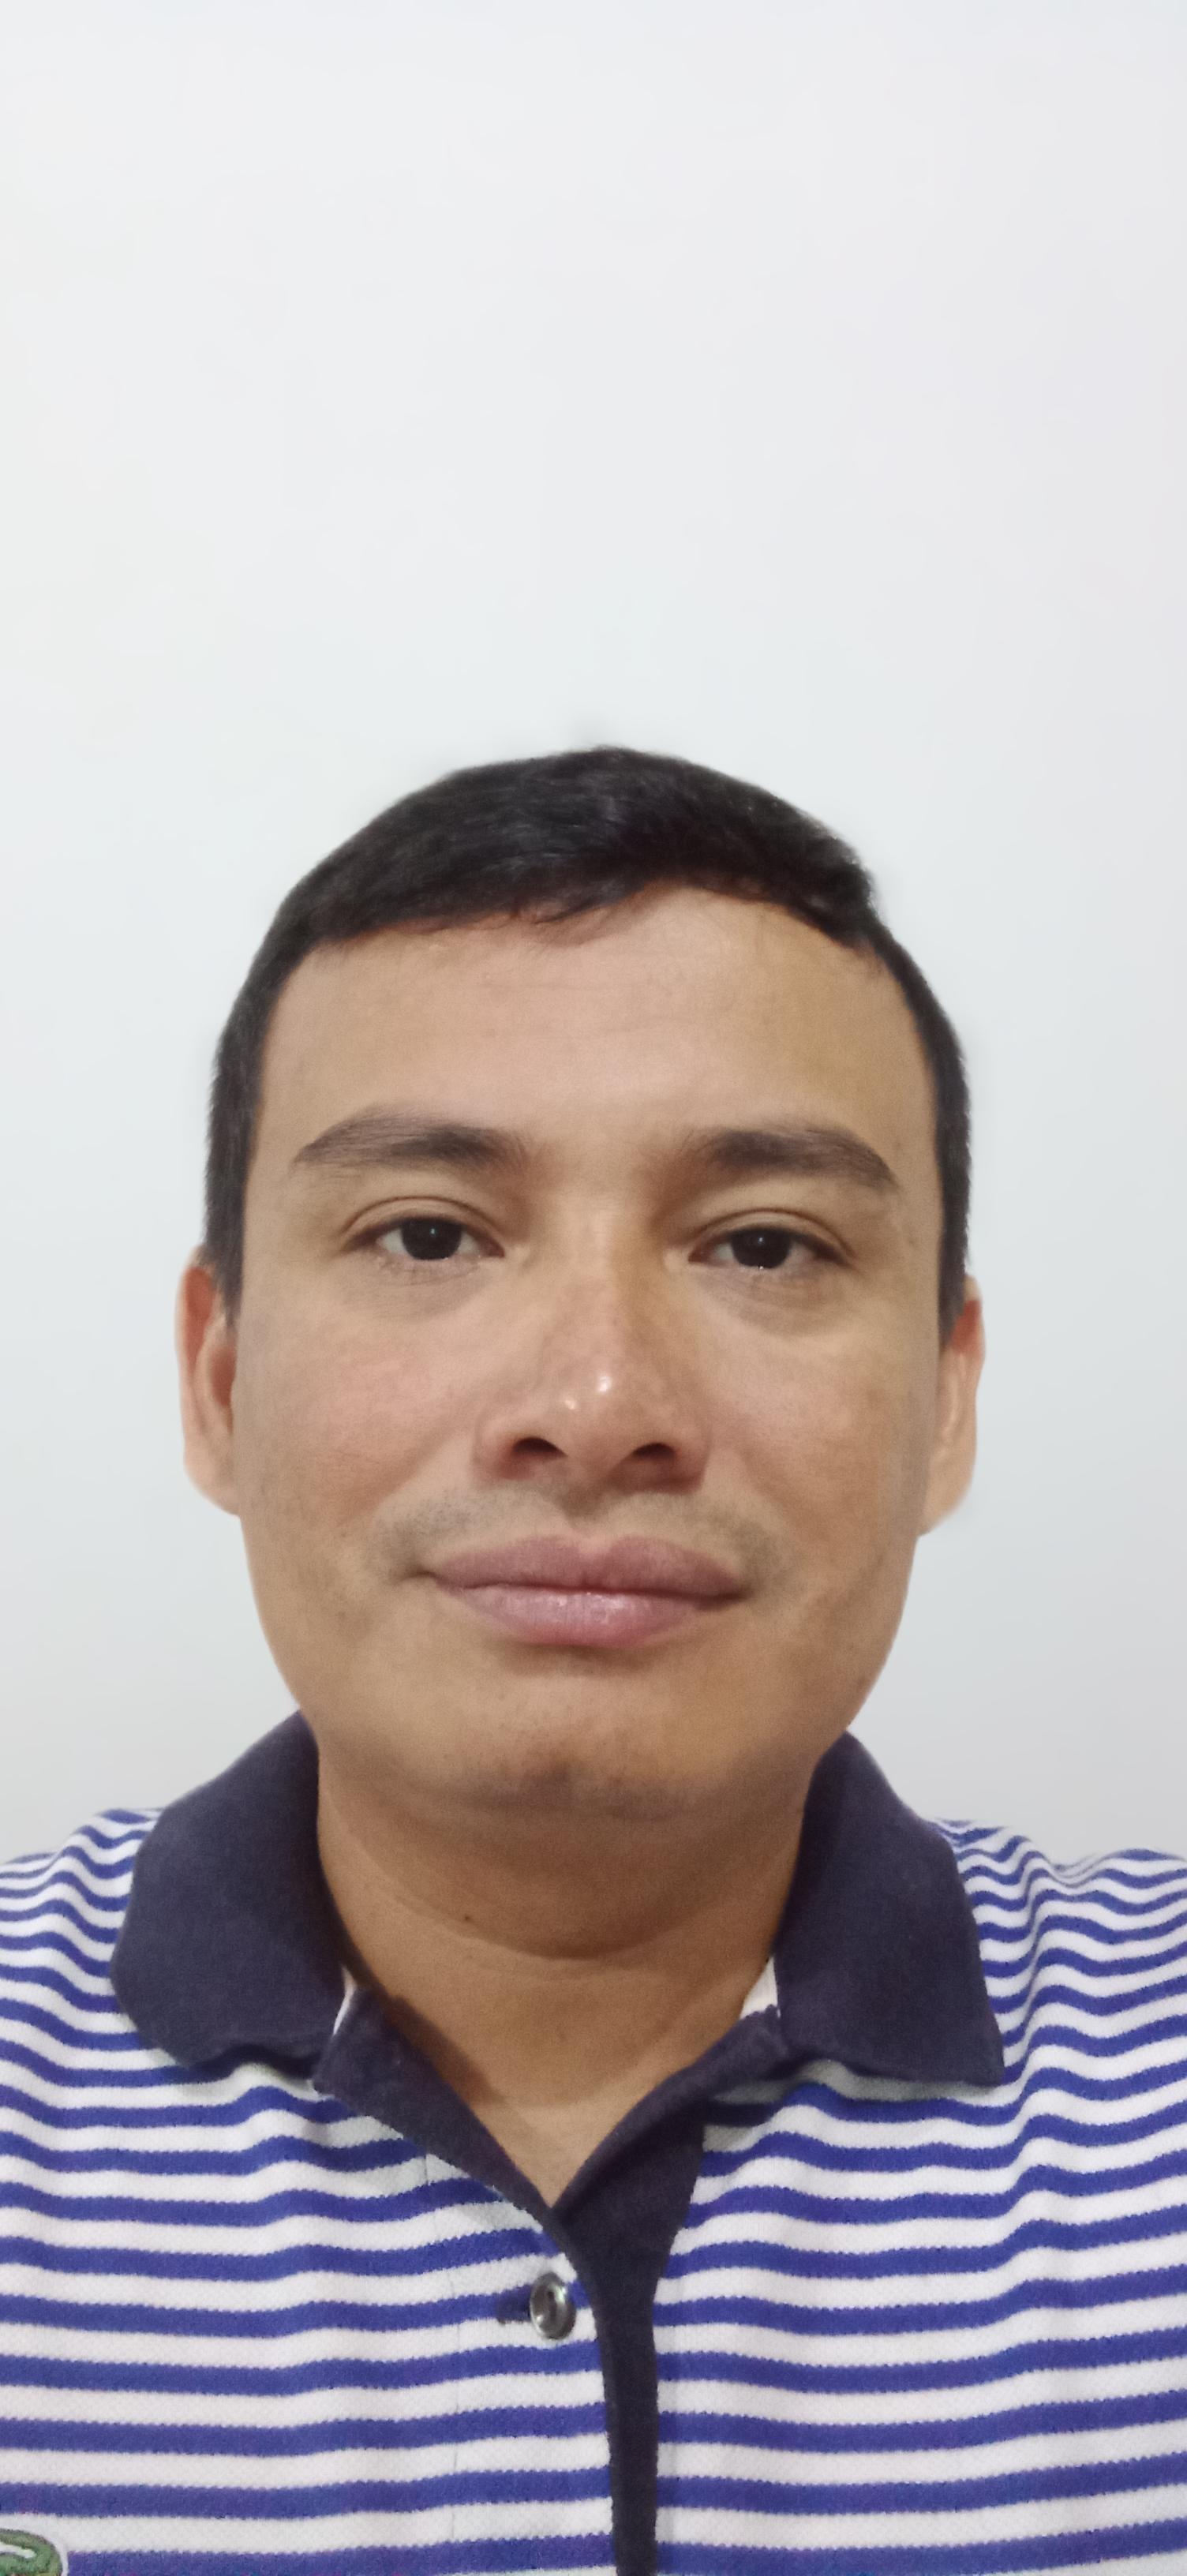 Dievan Silva